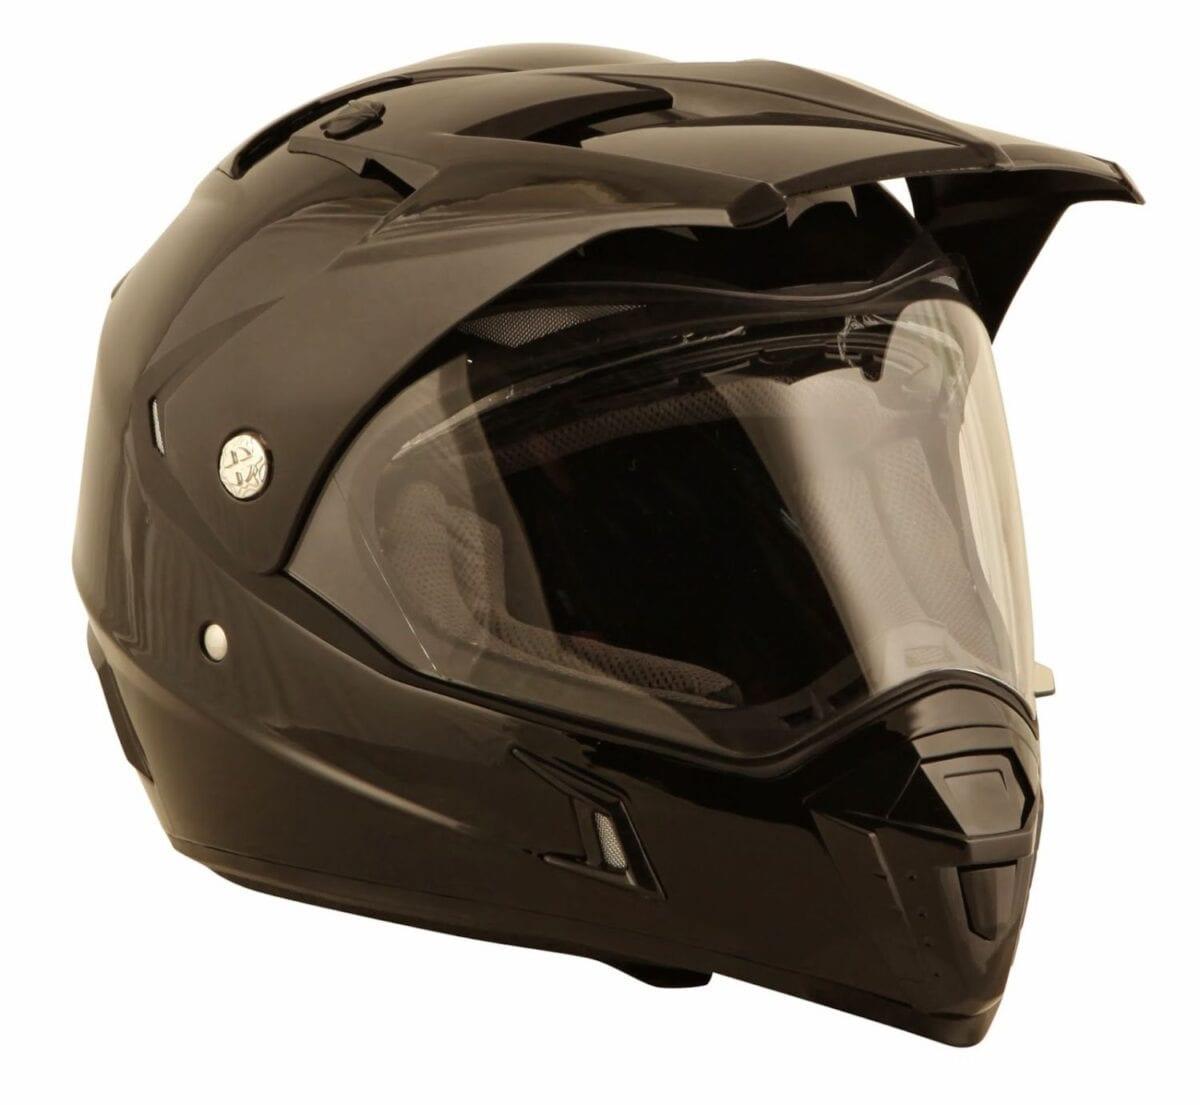 helmetd311lores